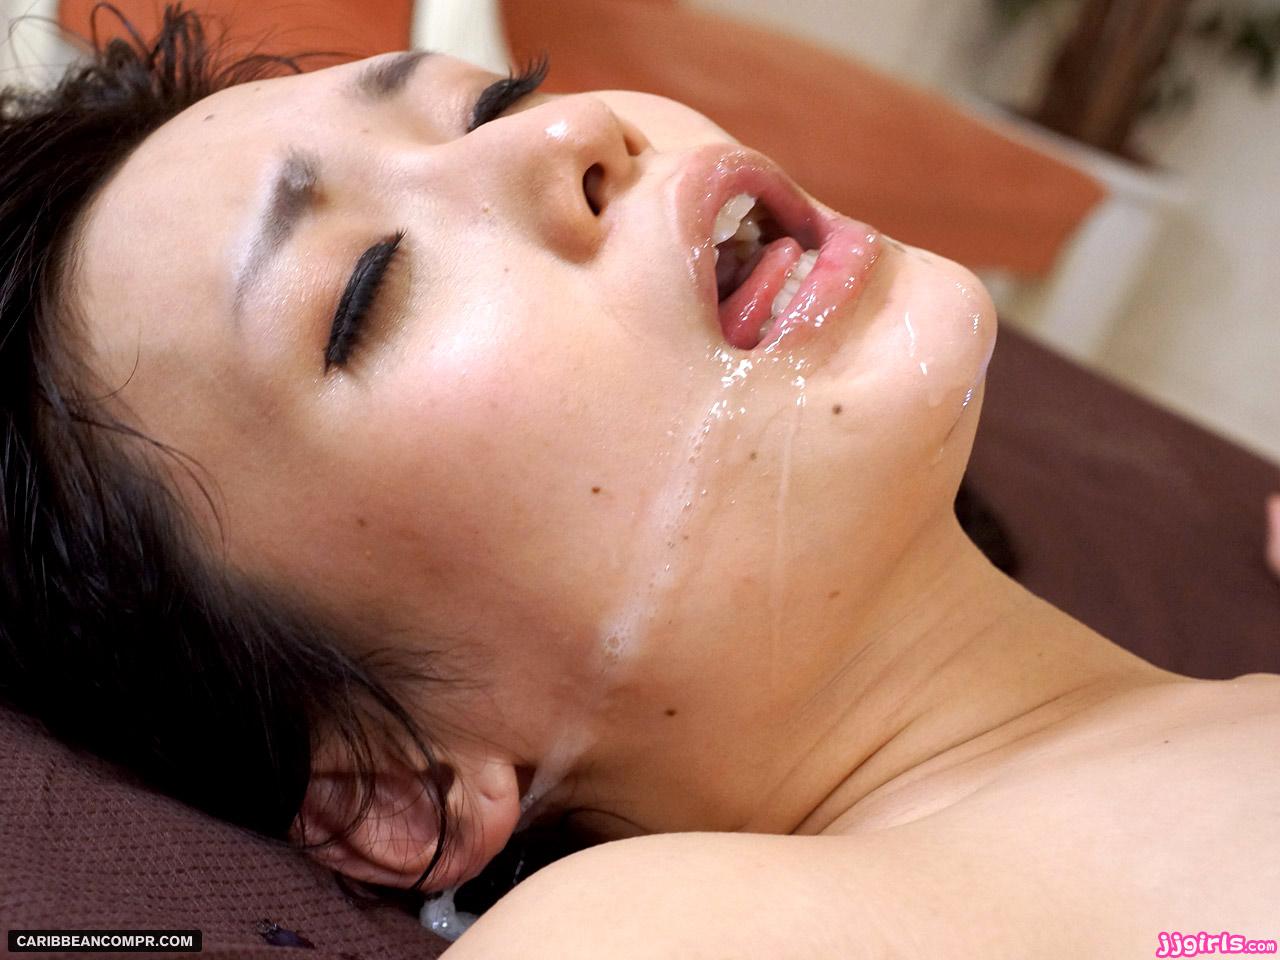 Японки обкончали голову, Порно видео онлайн: СпермаЯпонки 23 фотография